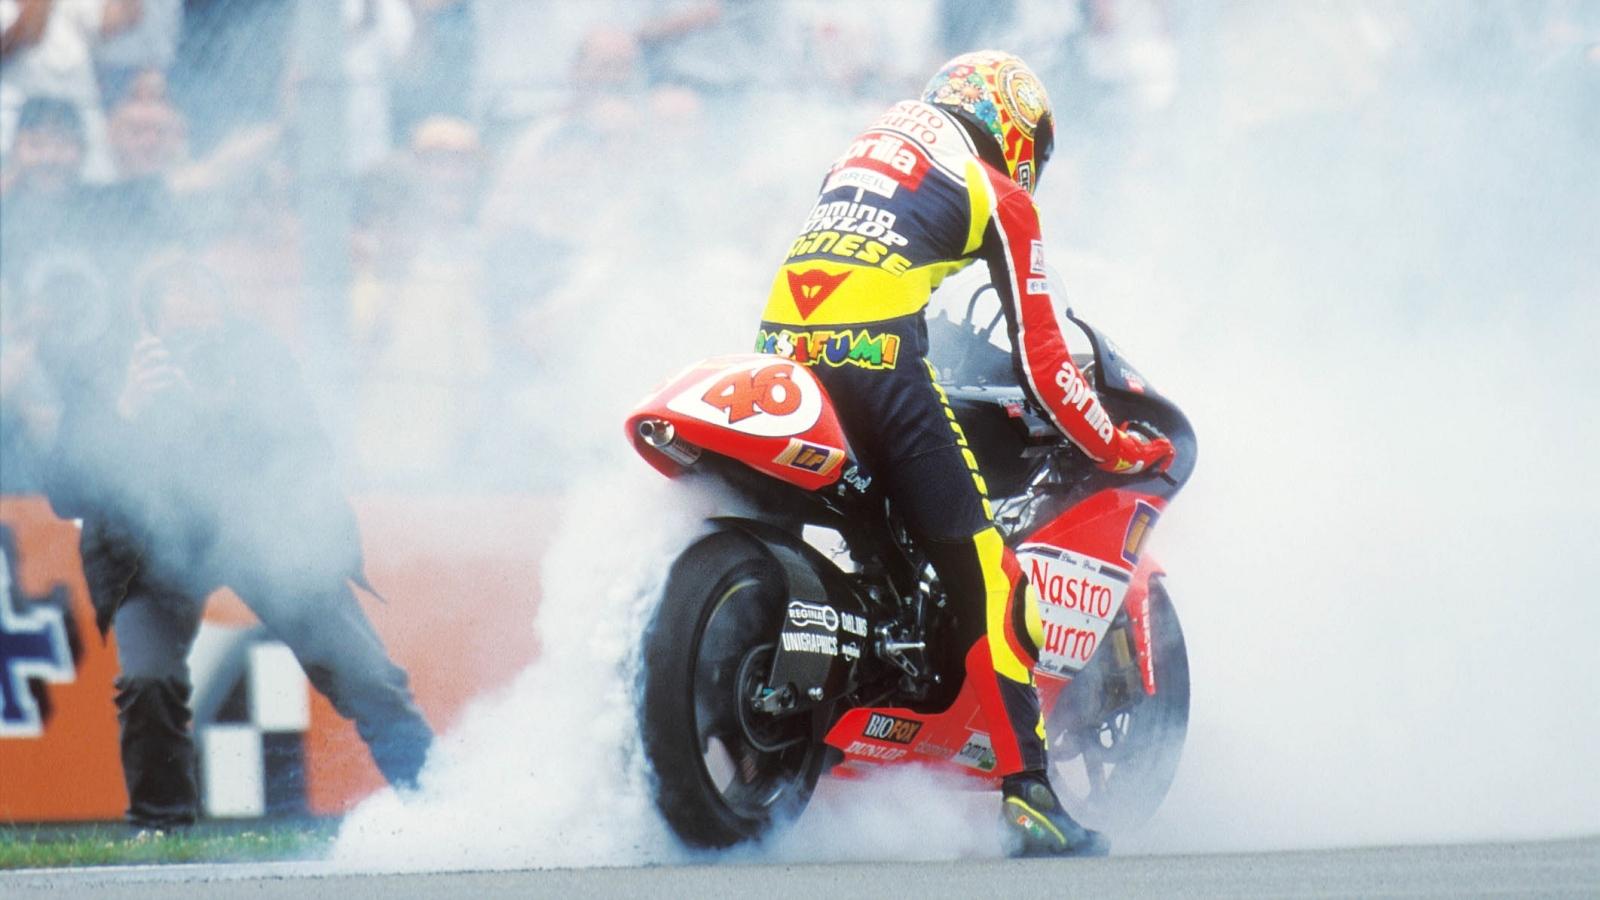 25 años Valentino Rossi: 1998 – Subcampeón 250cc – Aprilia RS250 / Nastro Azzurro Aprilia